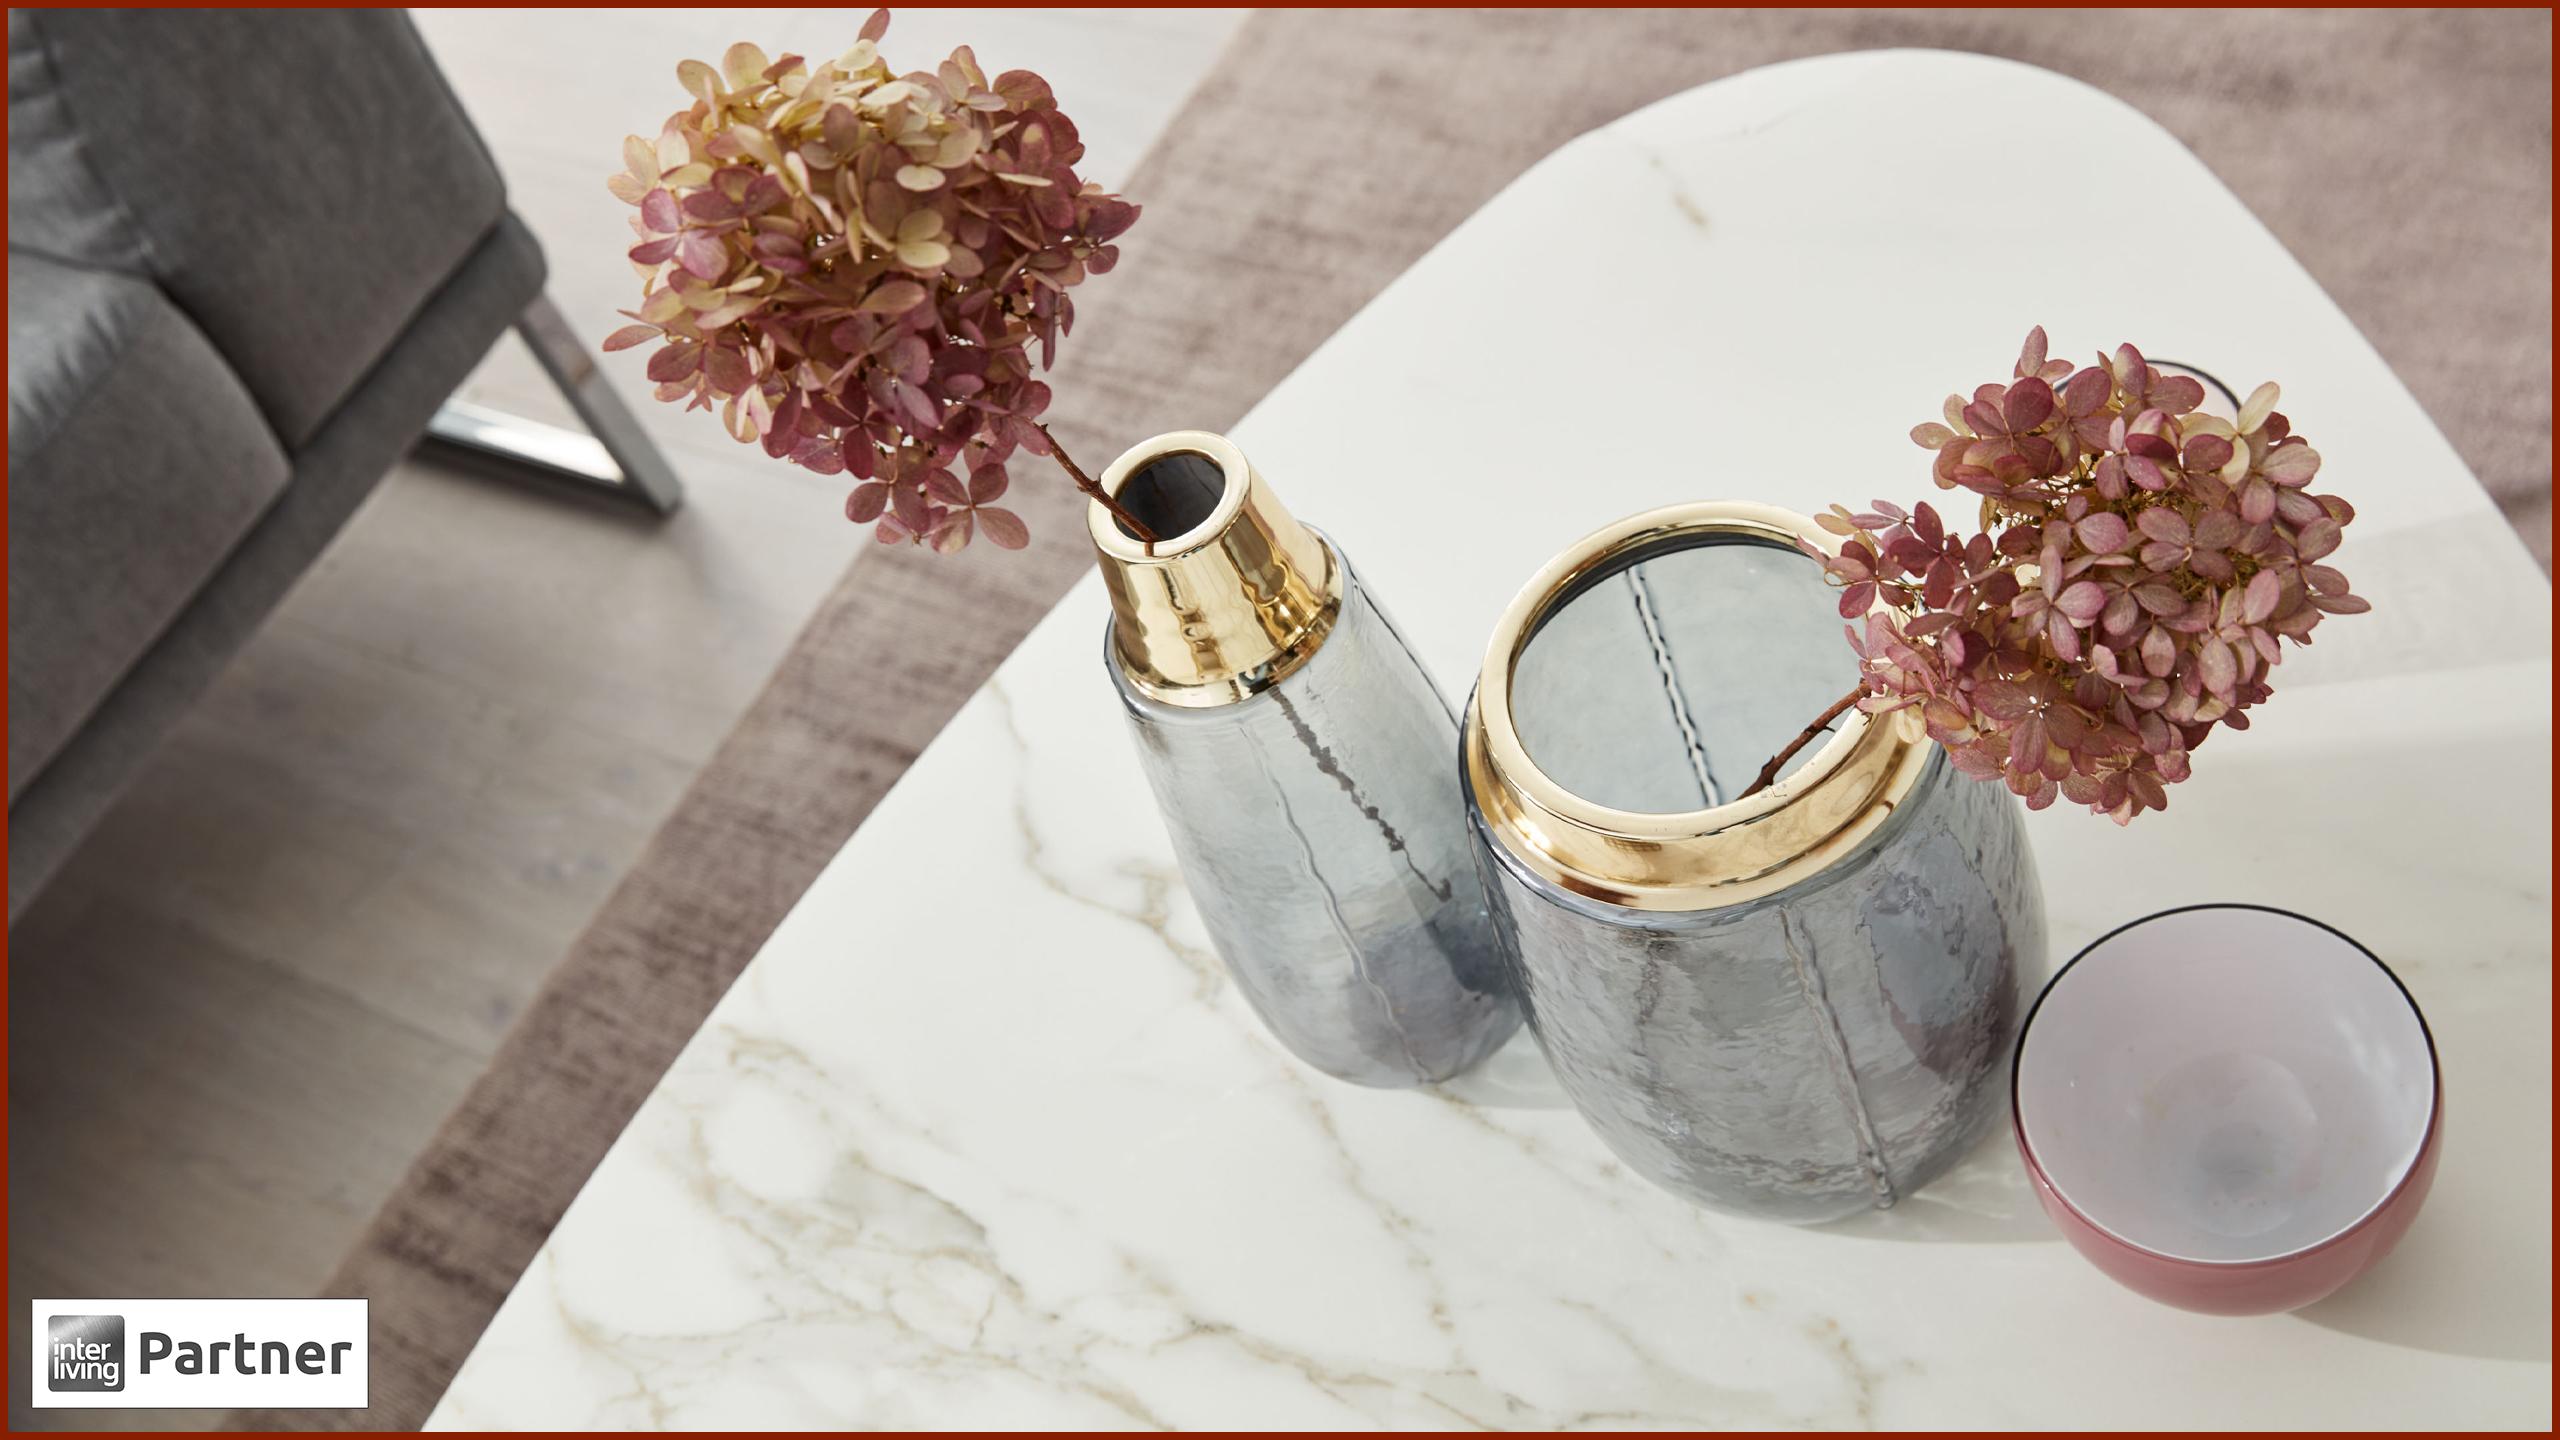 Vasen mit goldenen Verzierungen auf Tisch